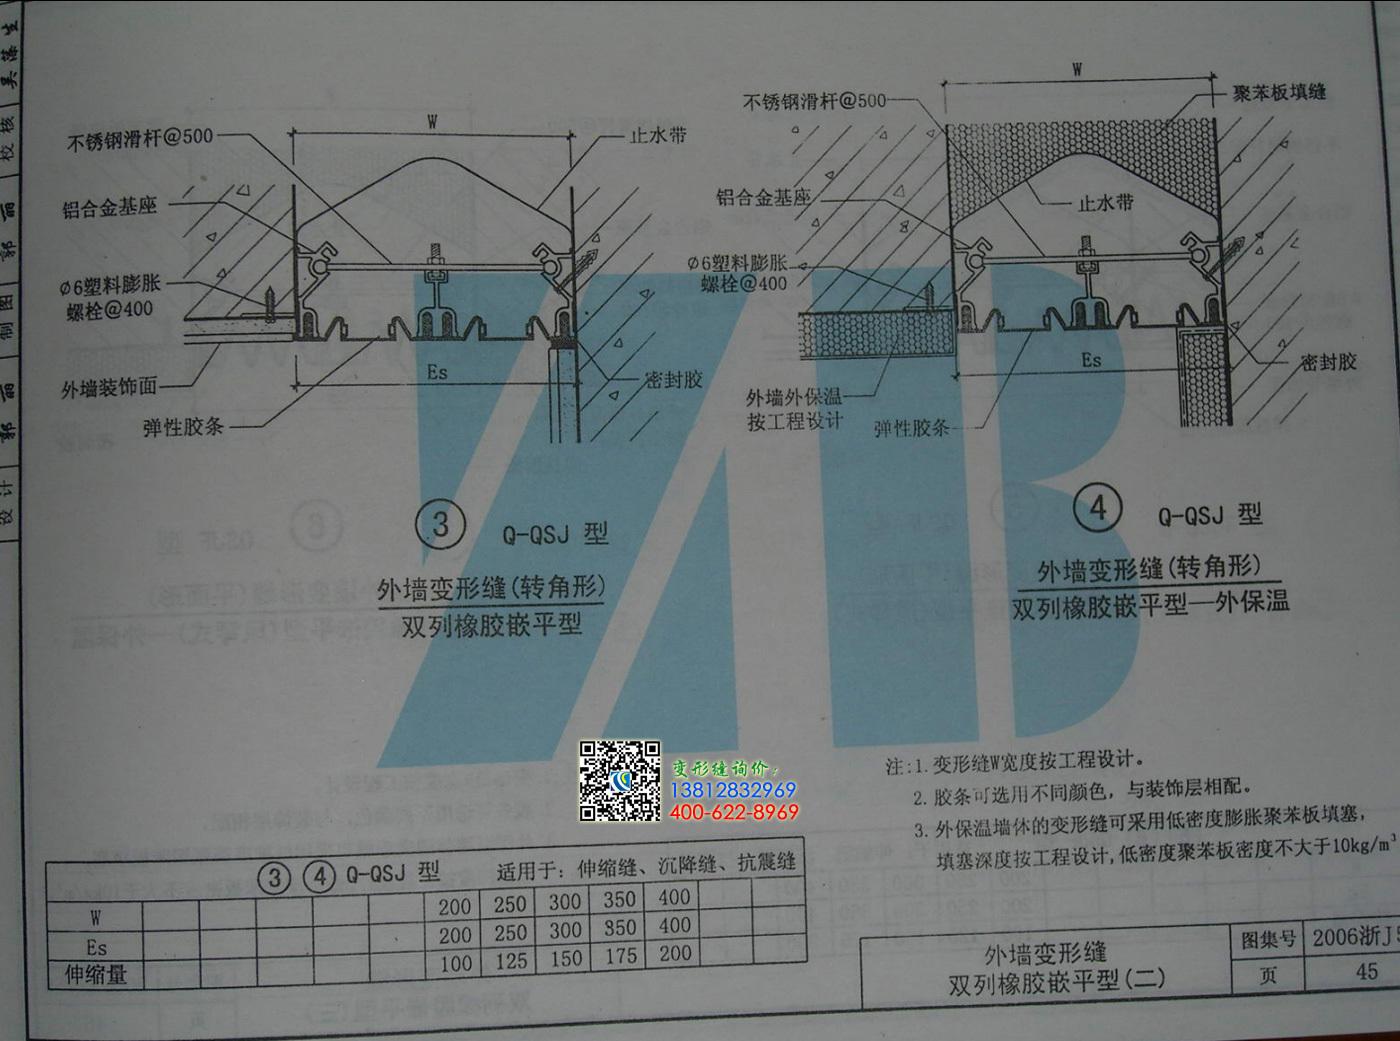 452006浙j55变形缝图集第45页